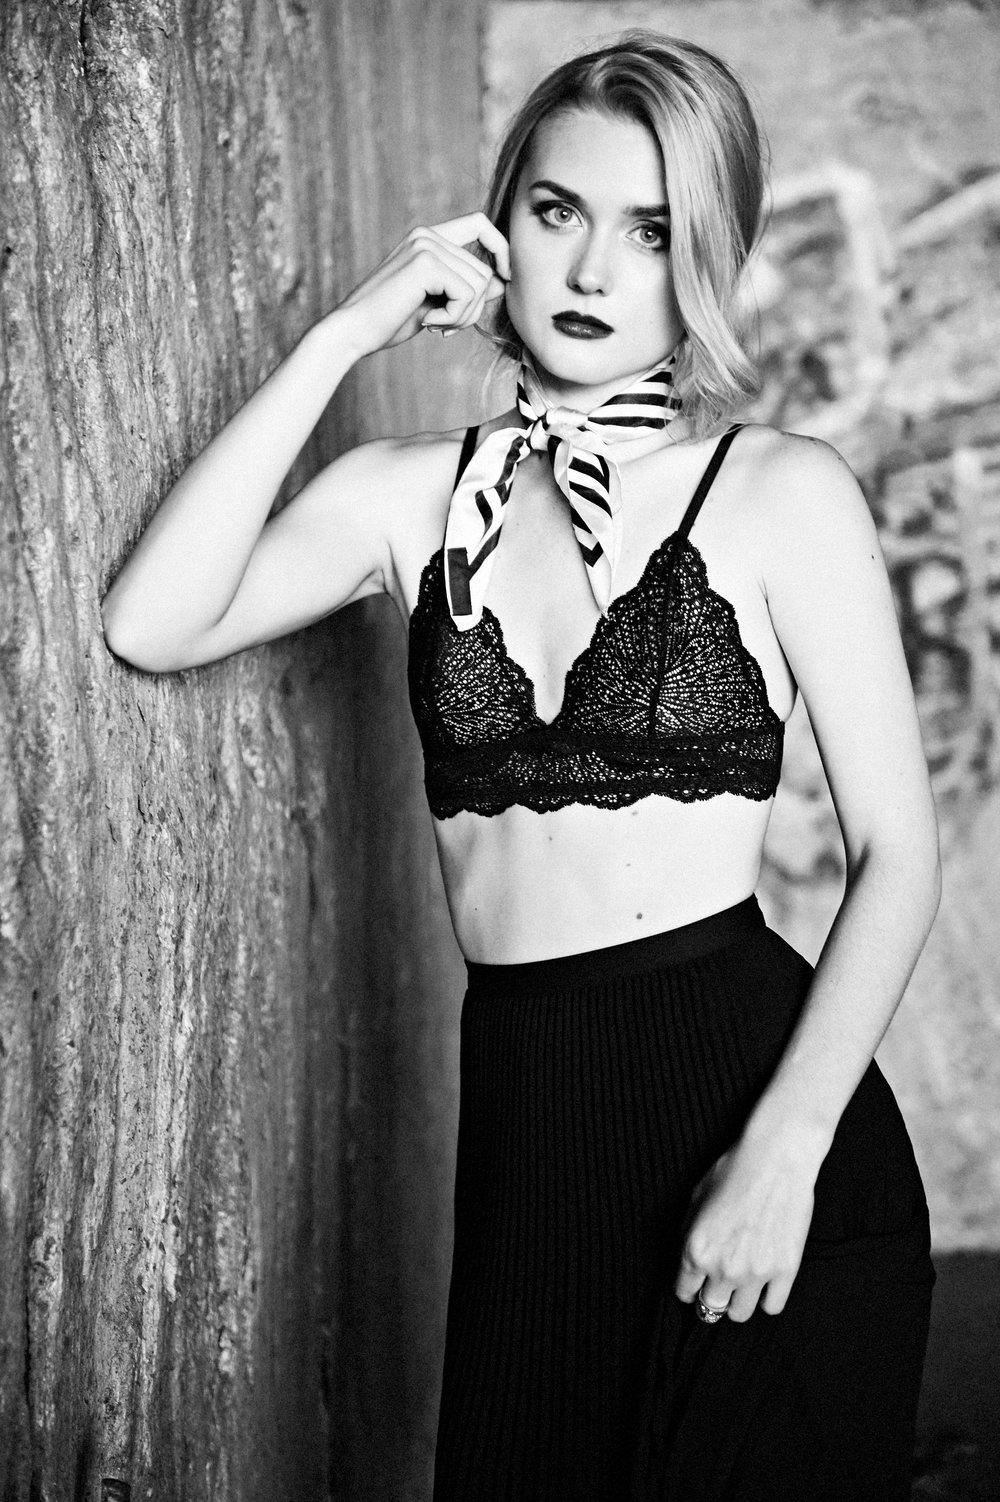 Marta-Hewson-Taylor-Greenaway-Model-Photoshoot-8474.jpg